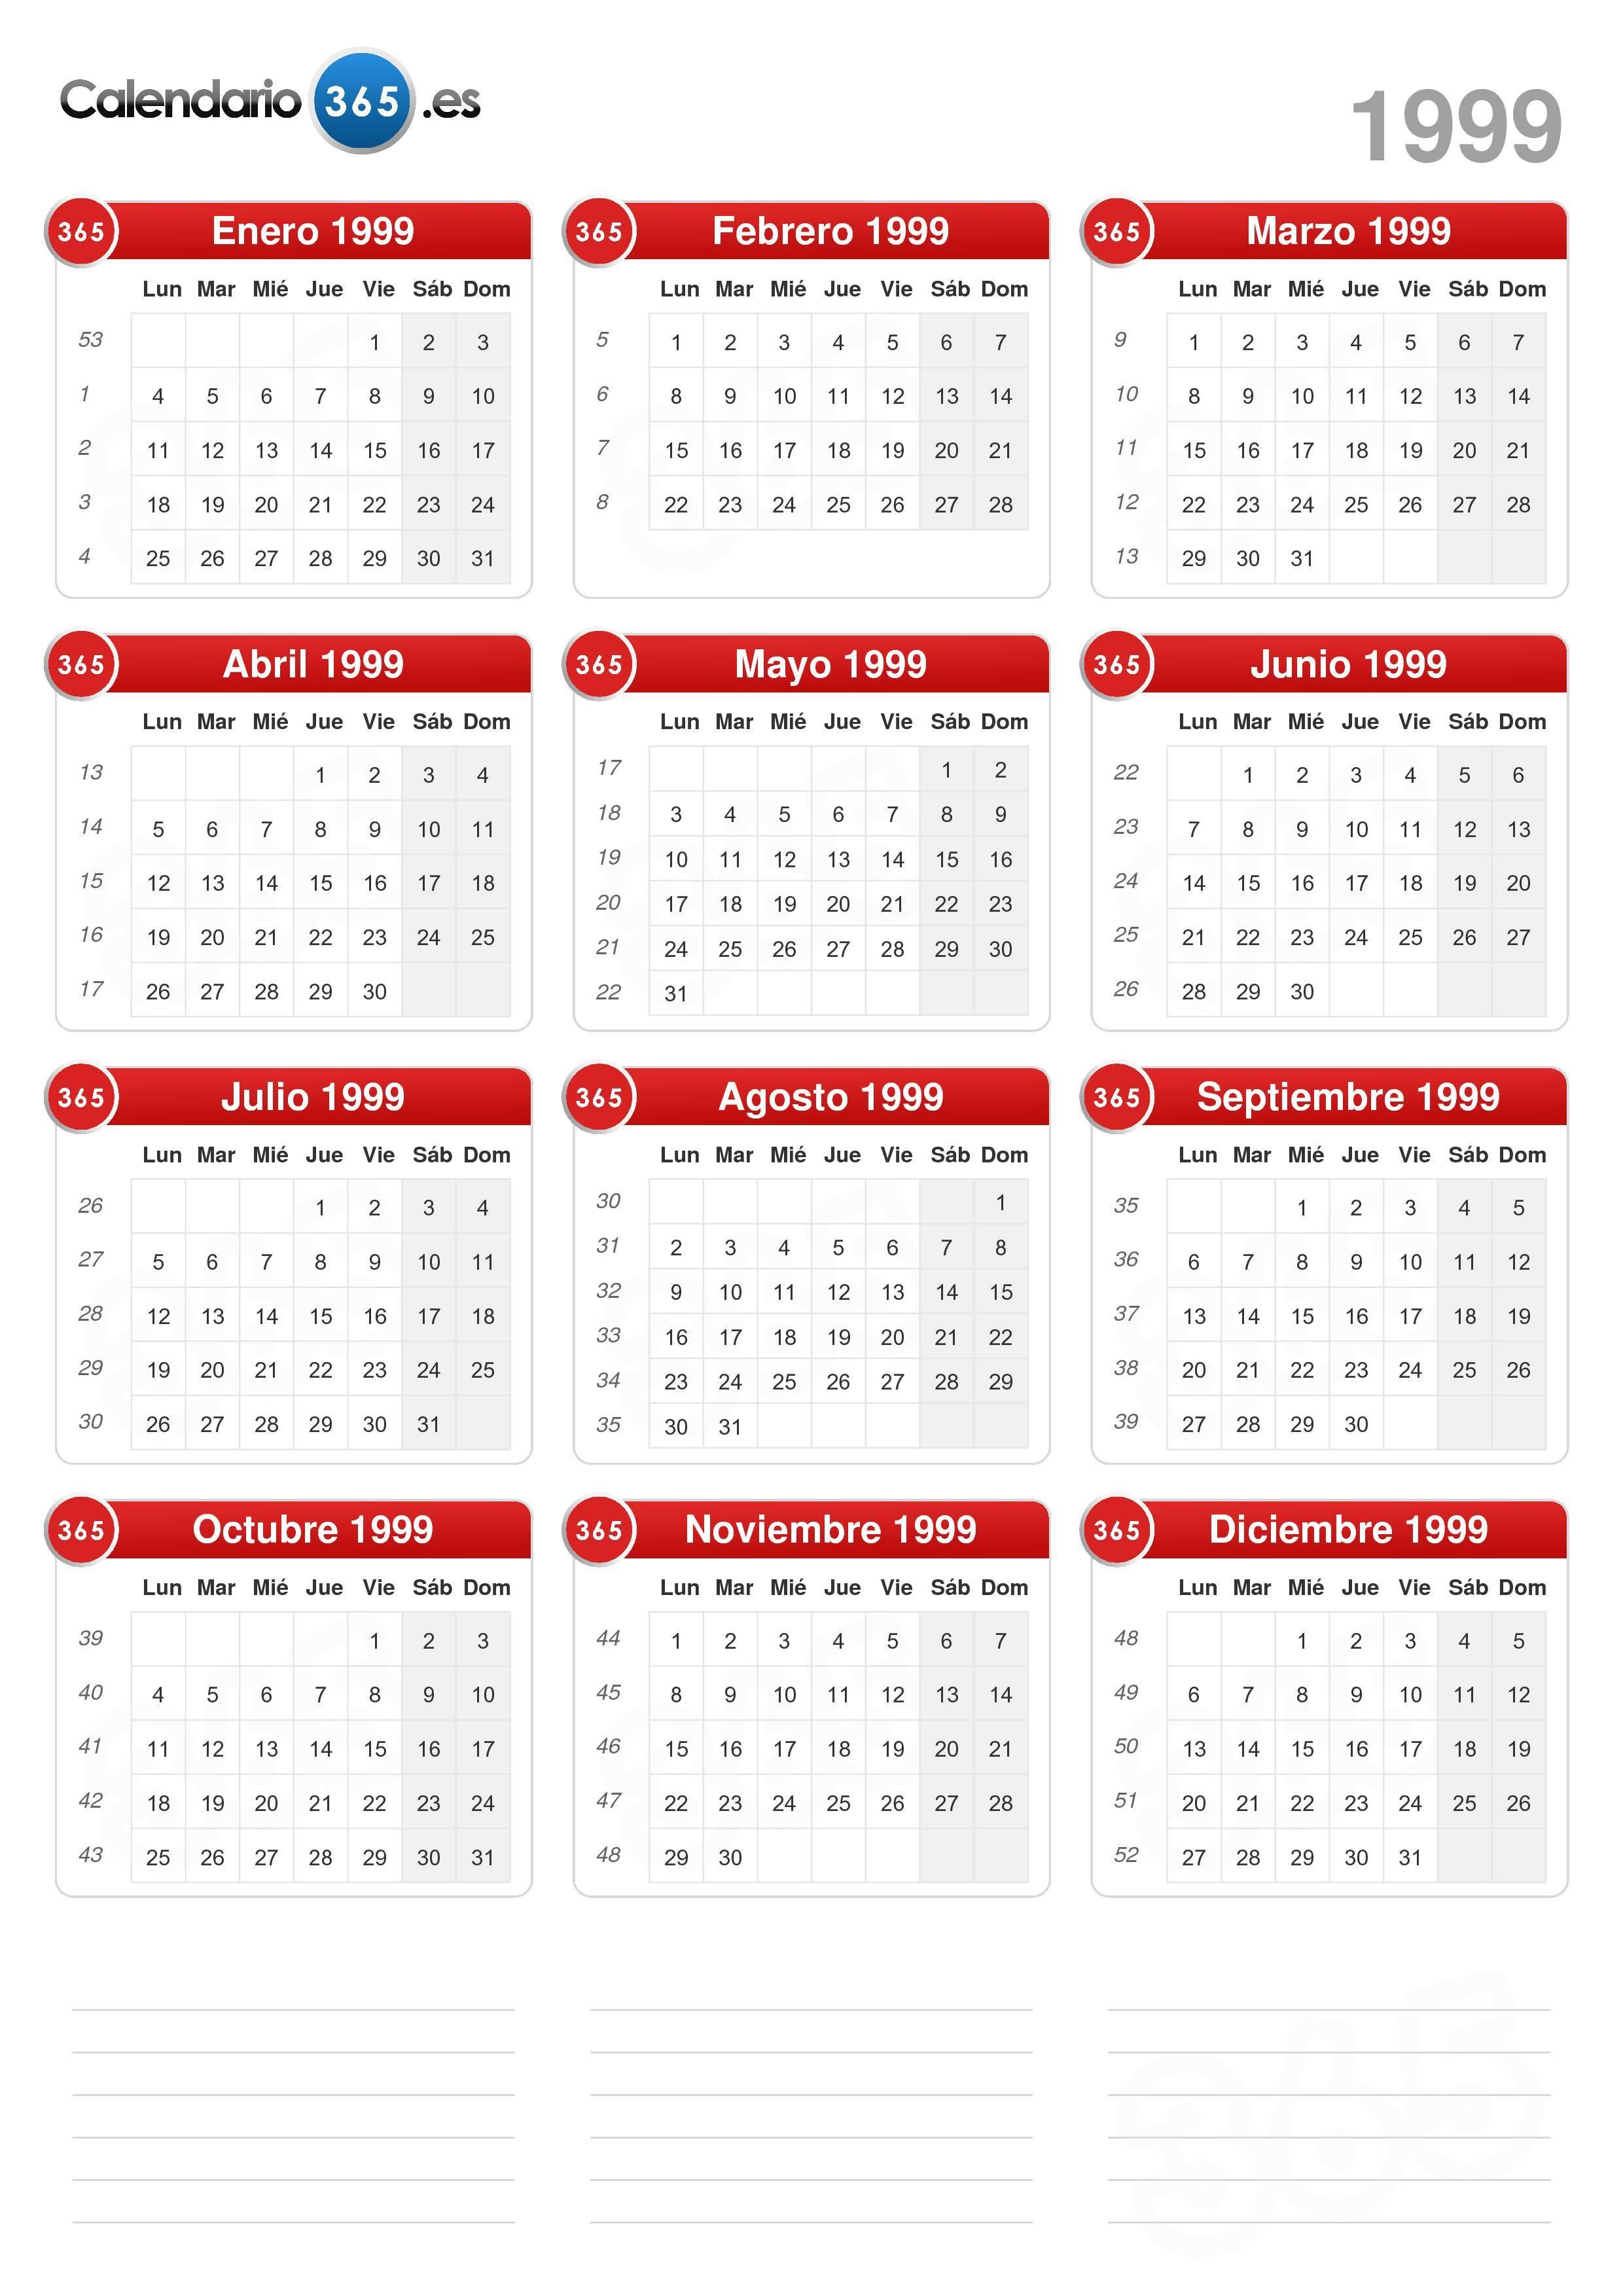 Calendario 1999